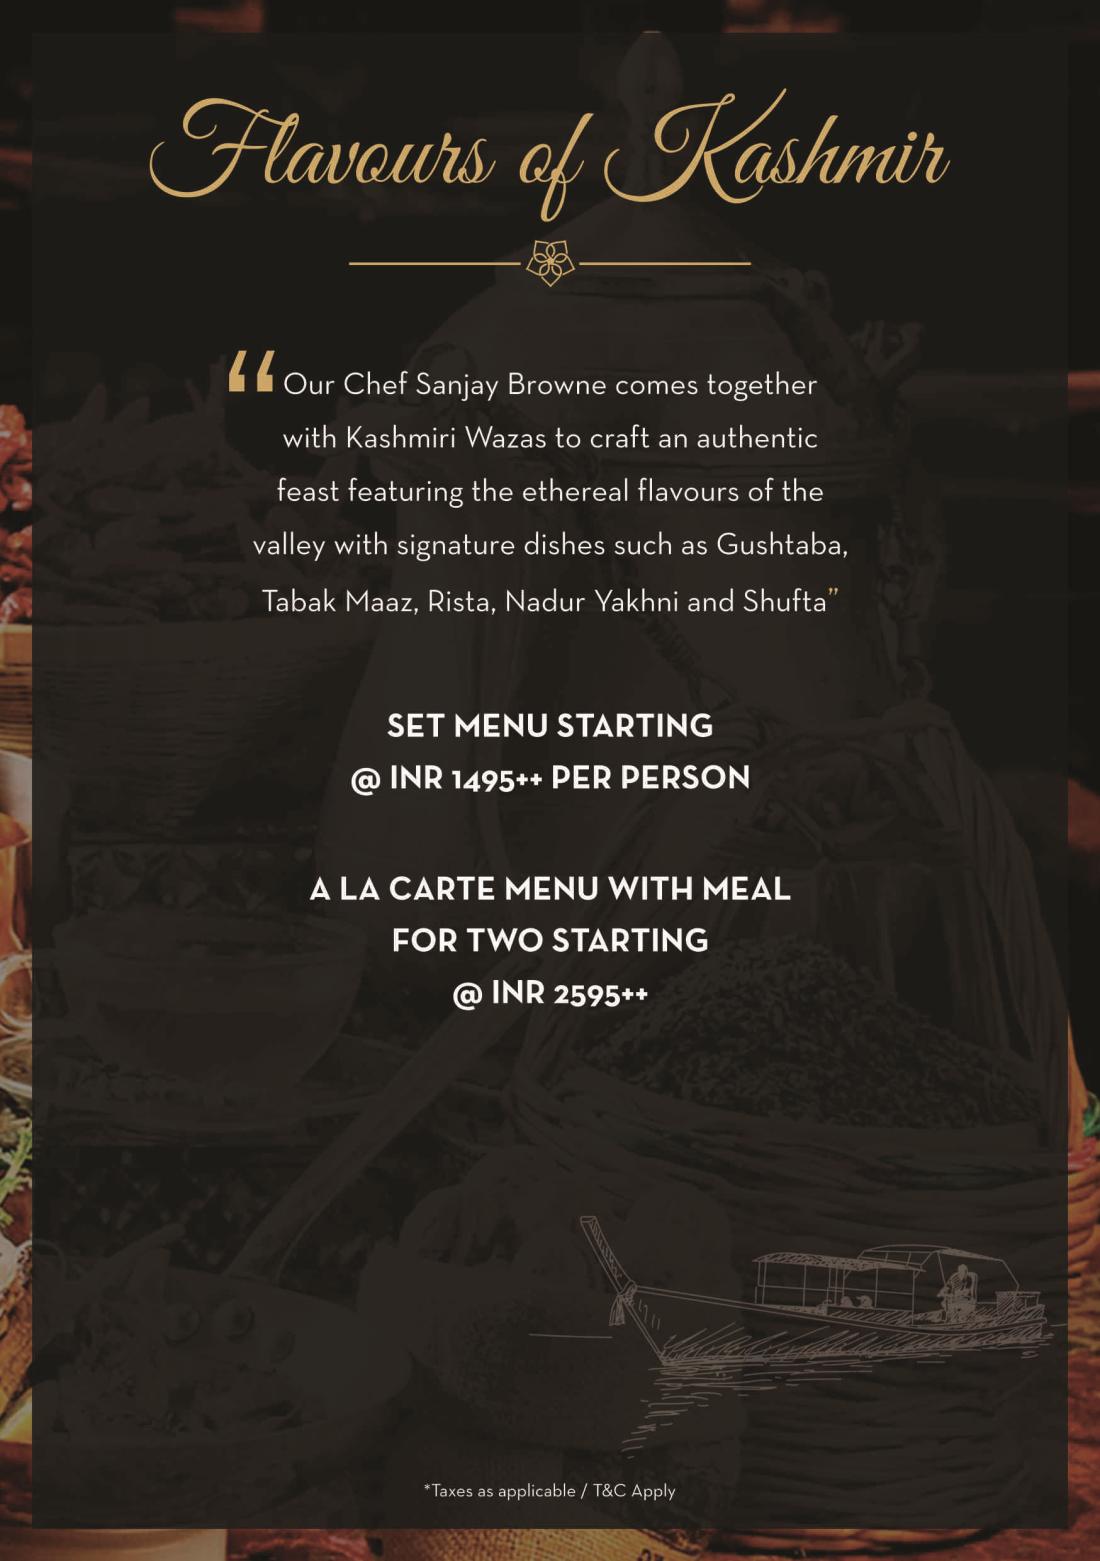 The Grand New Delhi New Delhi Kashmiri food A5 back The Grand New Delhi